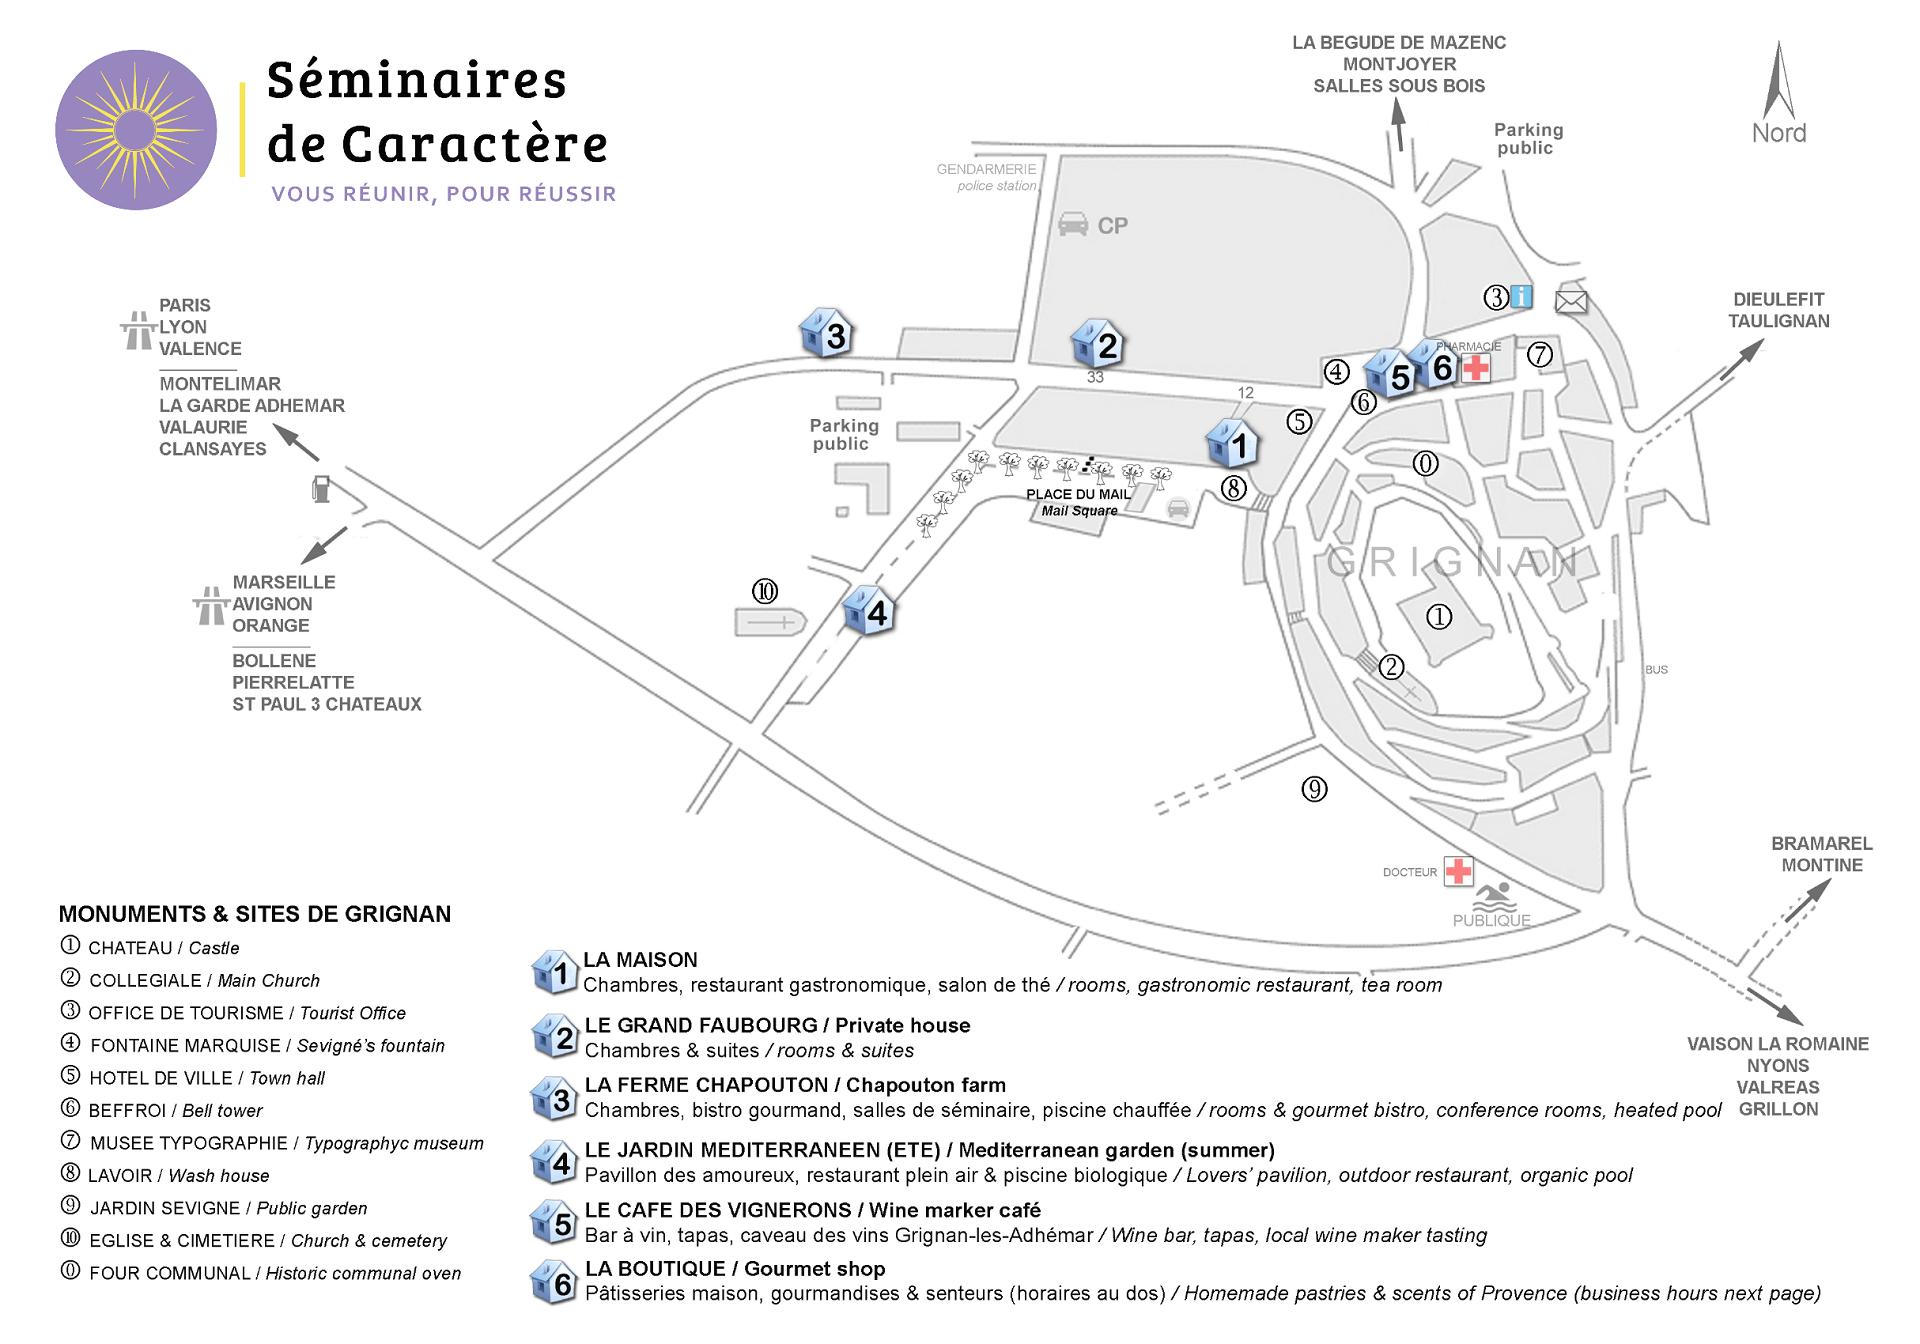 Implantation à Grignan des Maisons du Clair de la Plume-Seminaires de Caractere